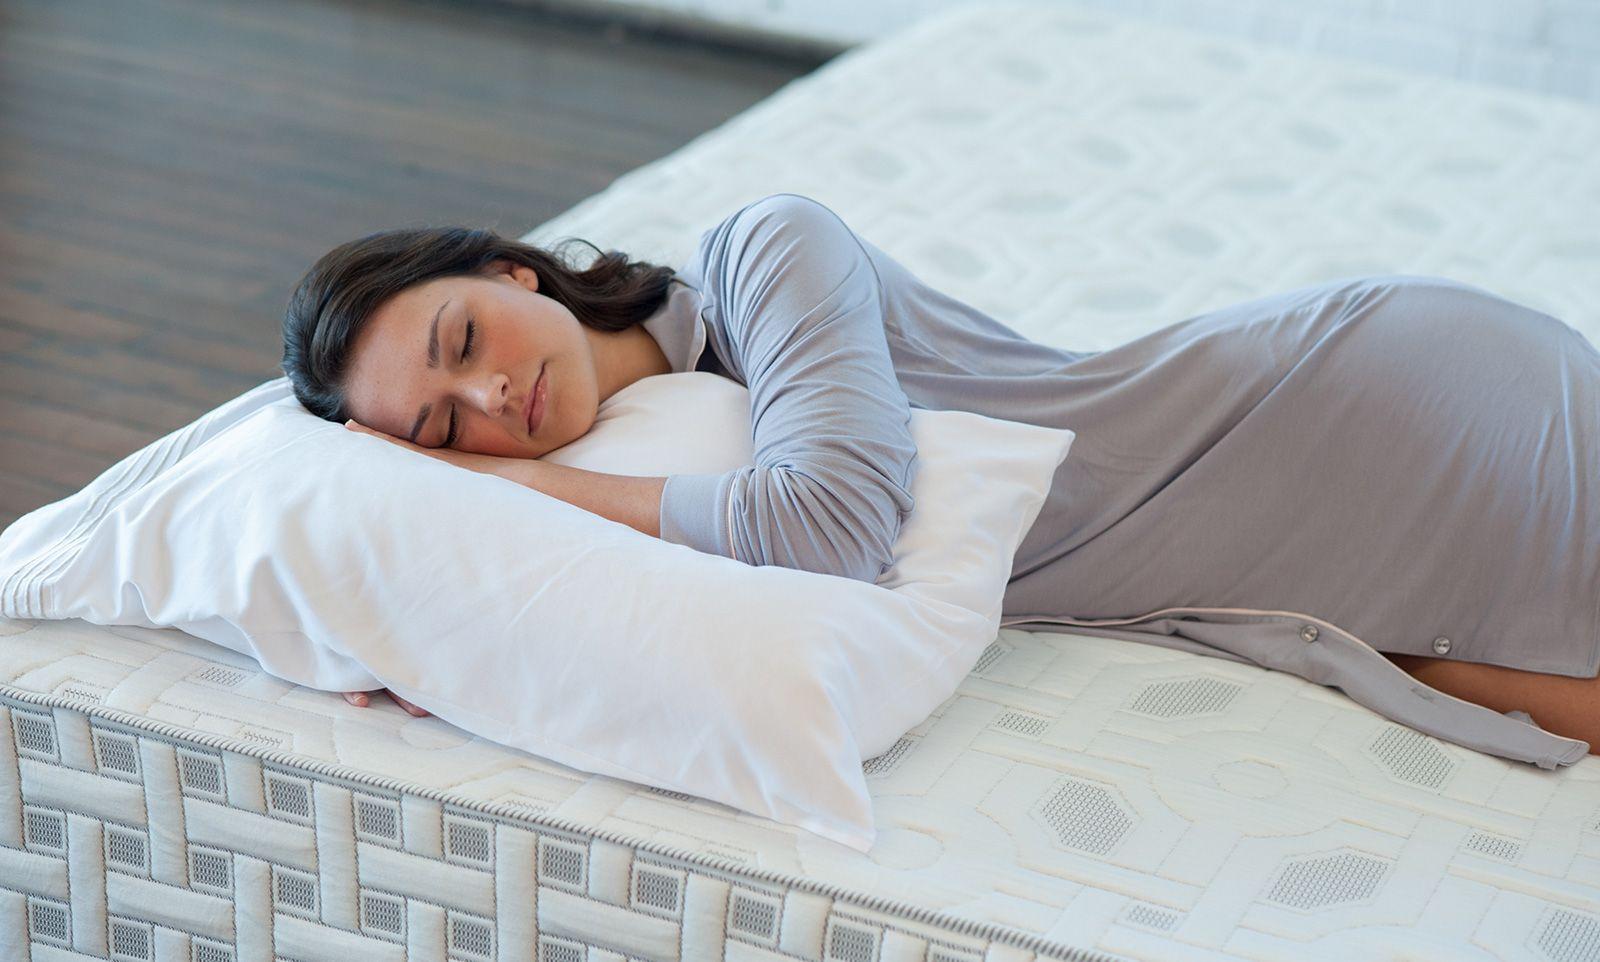 4sleep mattress review